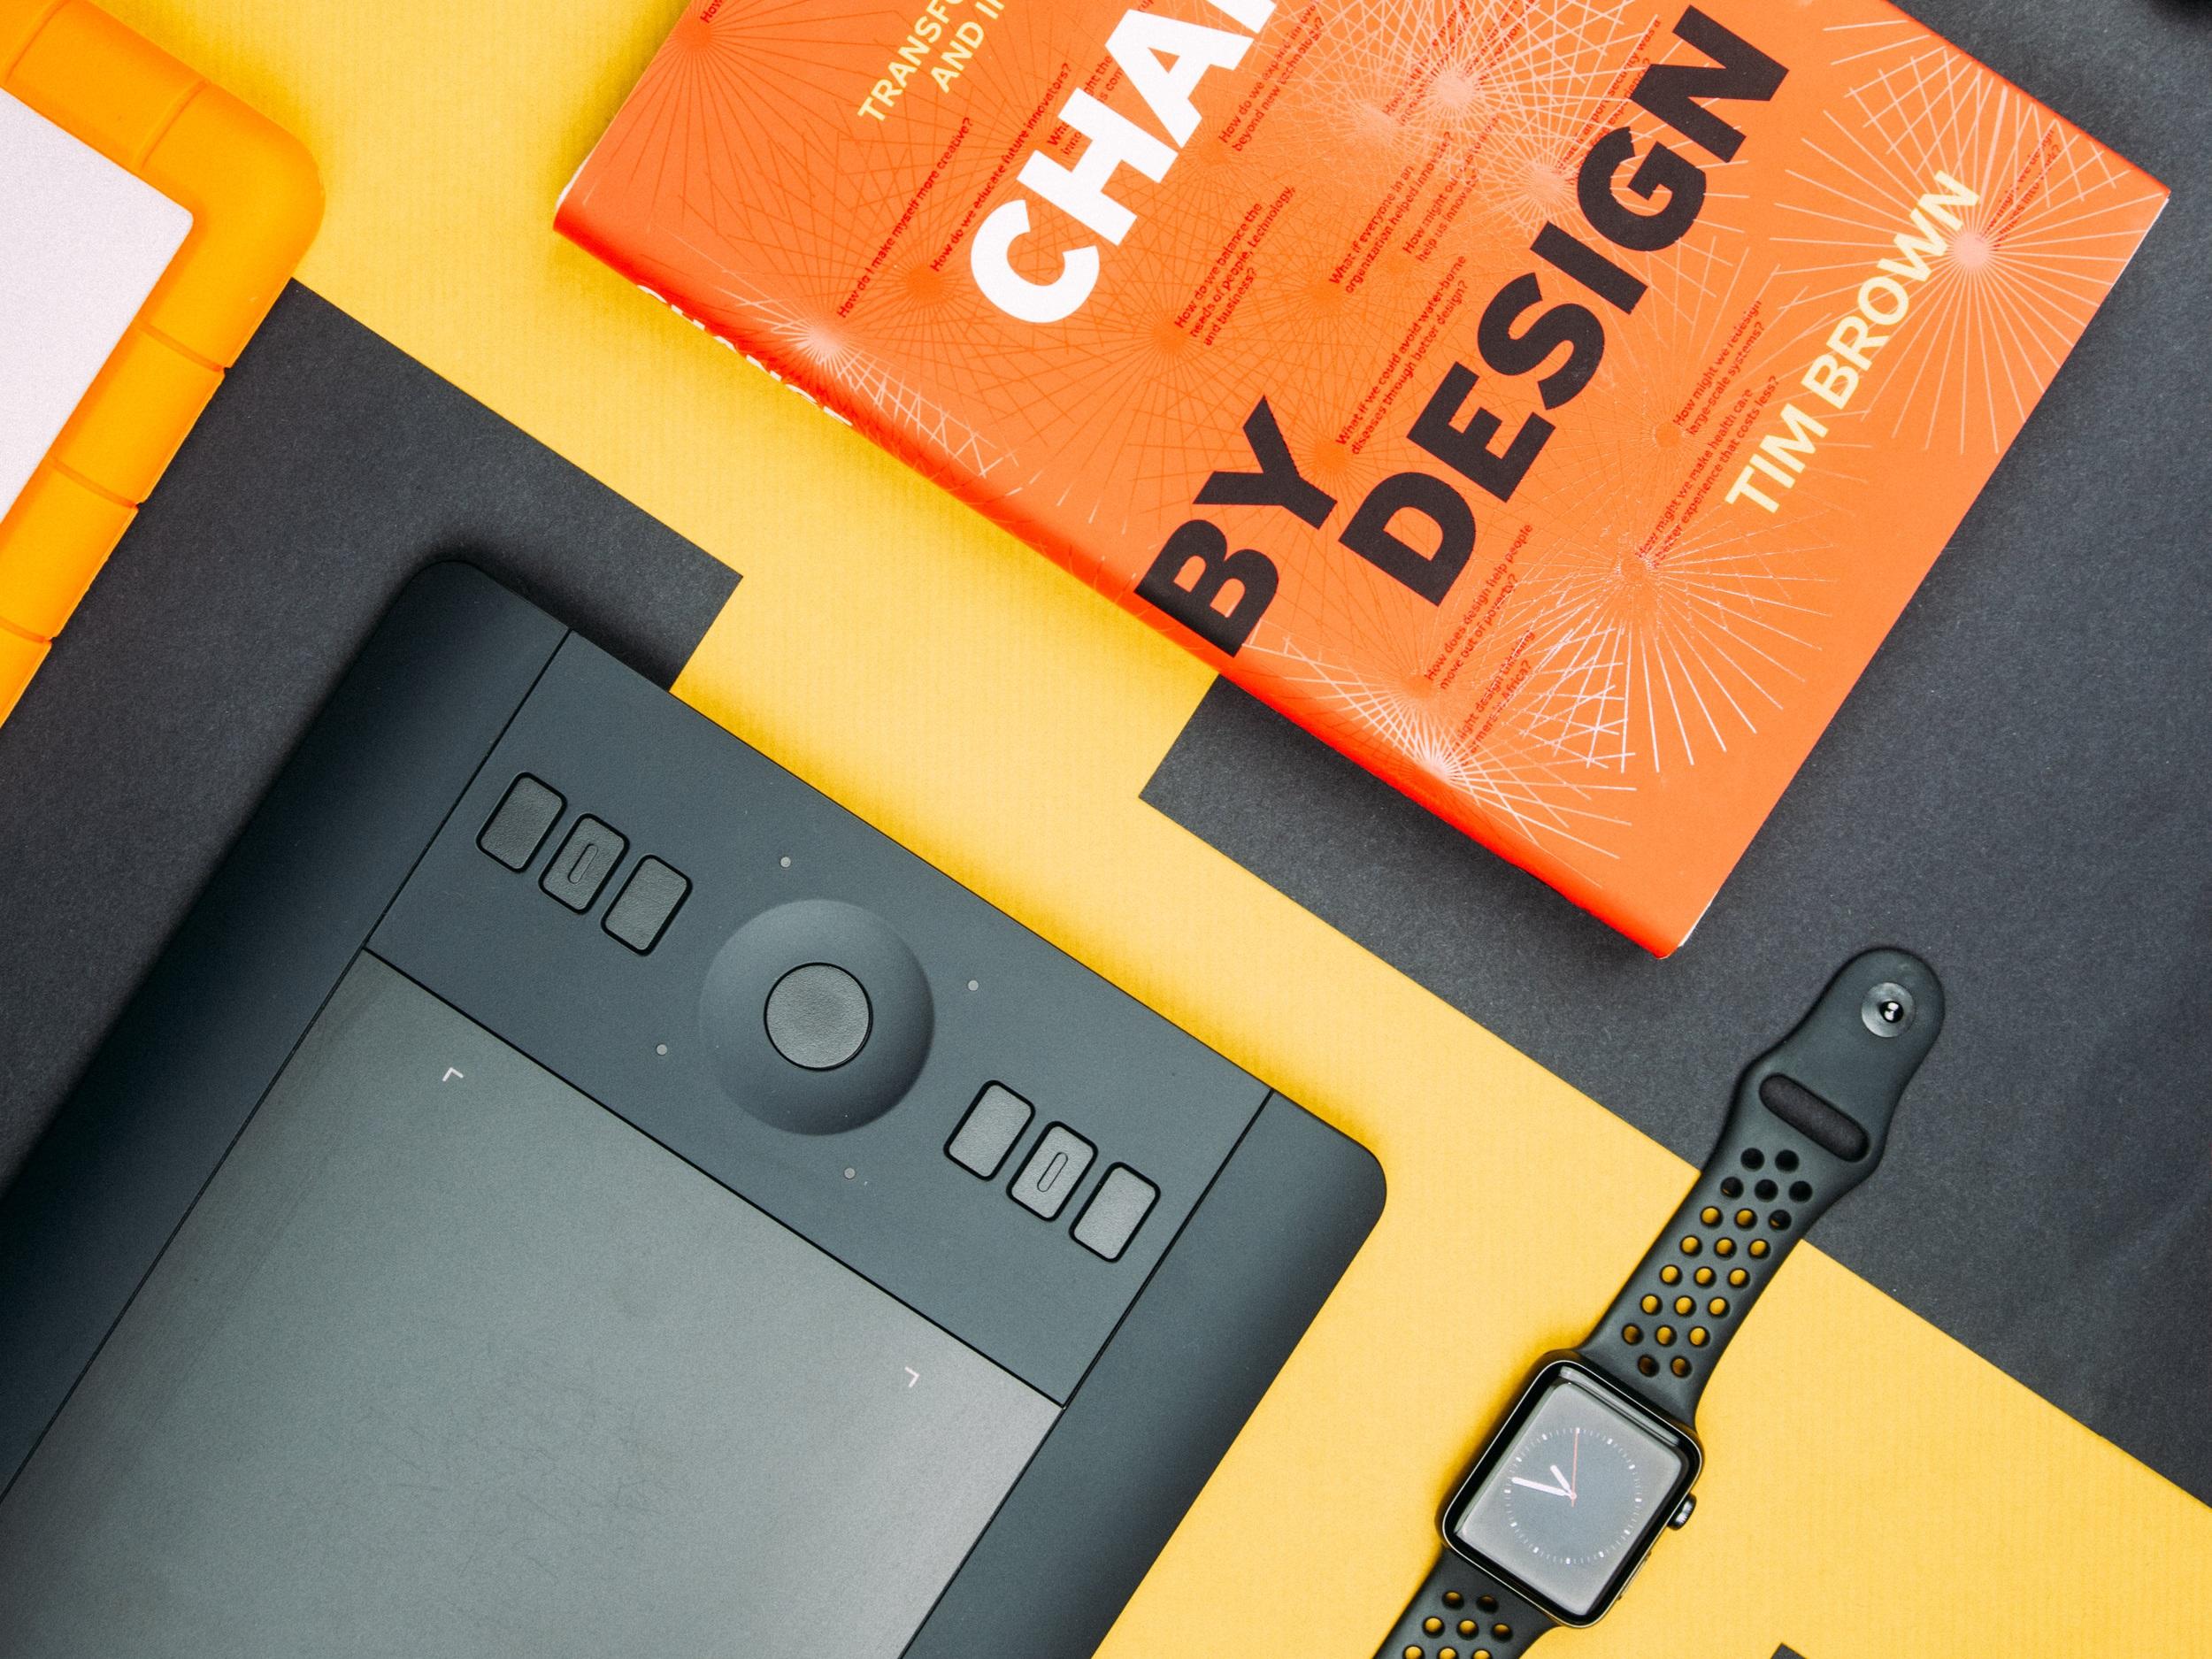 Design Services - + Graphic Design+ Product Design+ Web Design